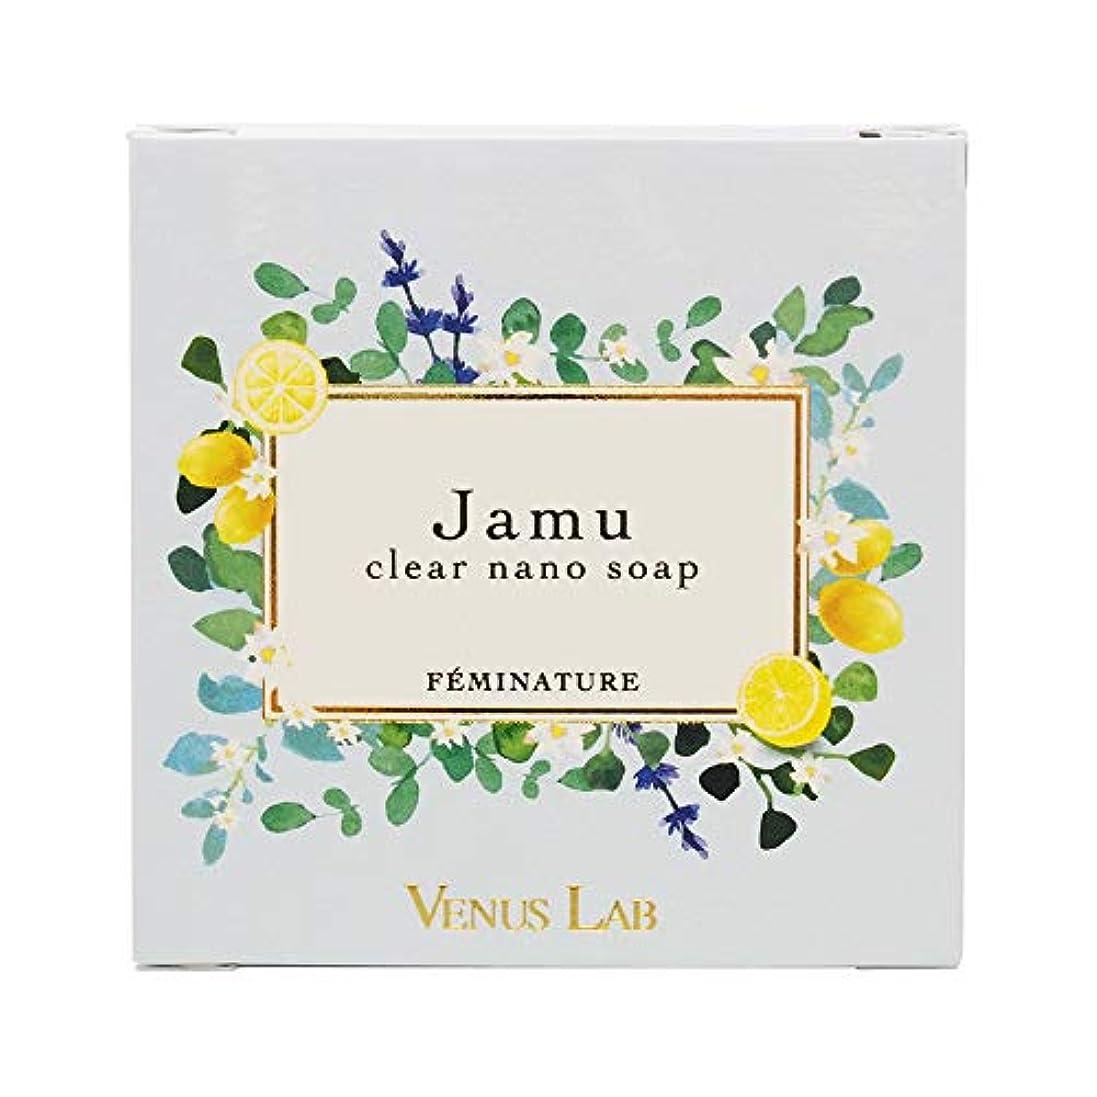 広いスタジオ立法ヴィーナスラボ フェミナチュール ジャムウクリアナノソープ 石鹸 レモングラスの香り 100g